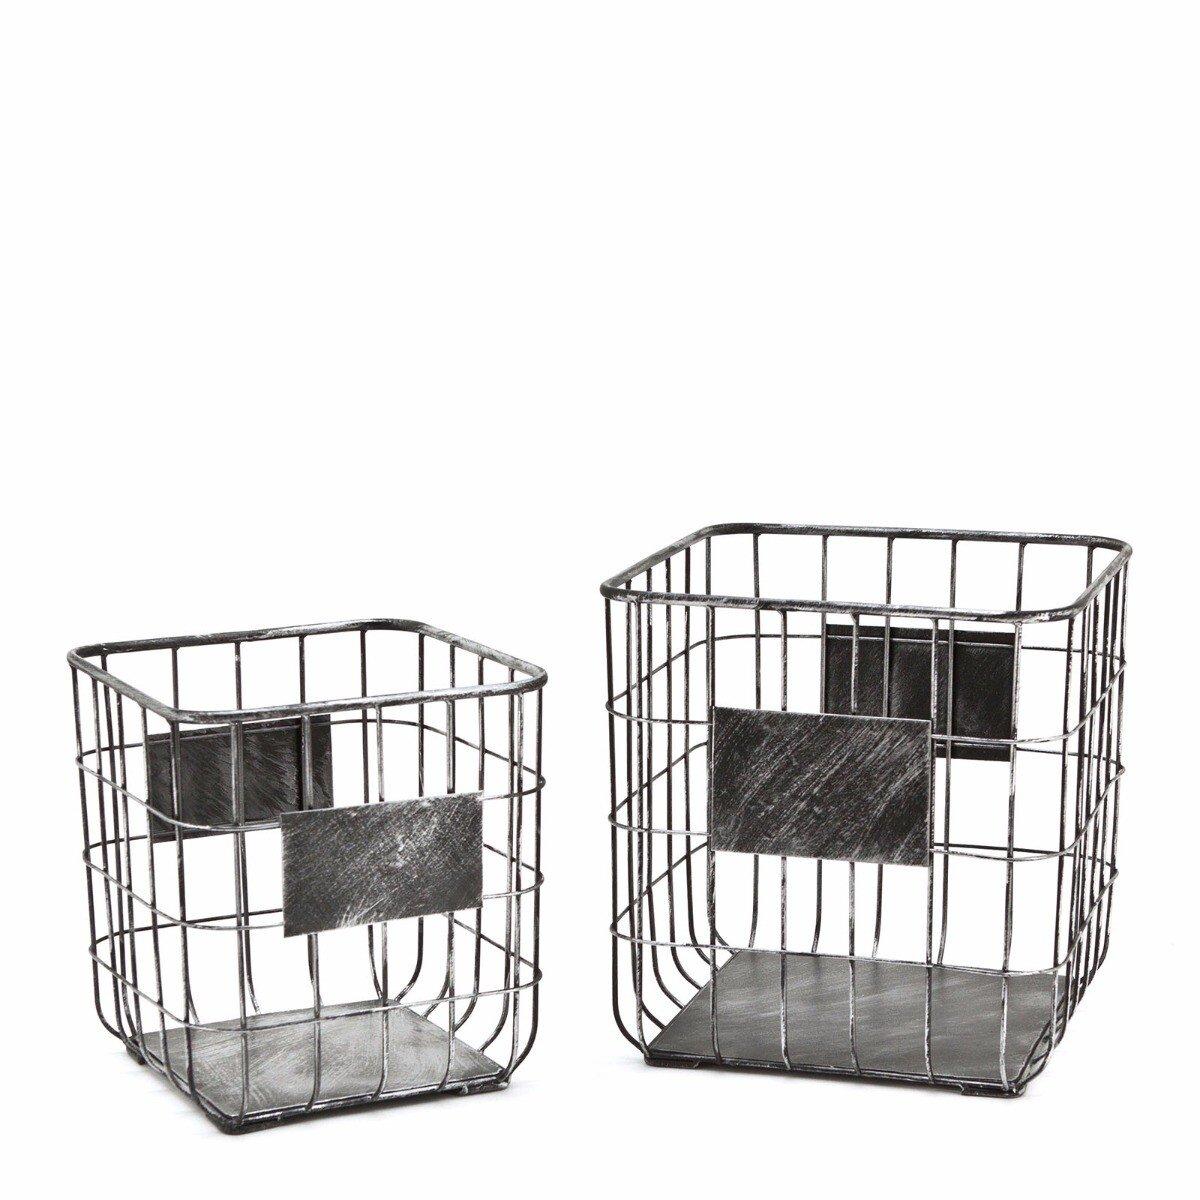 By Boo basket set small 29x27x27 - 33x33x33cm